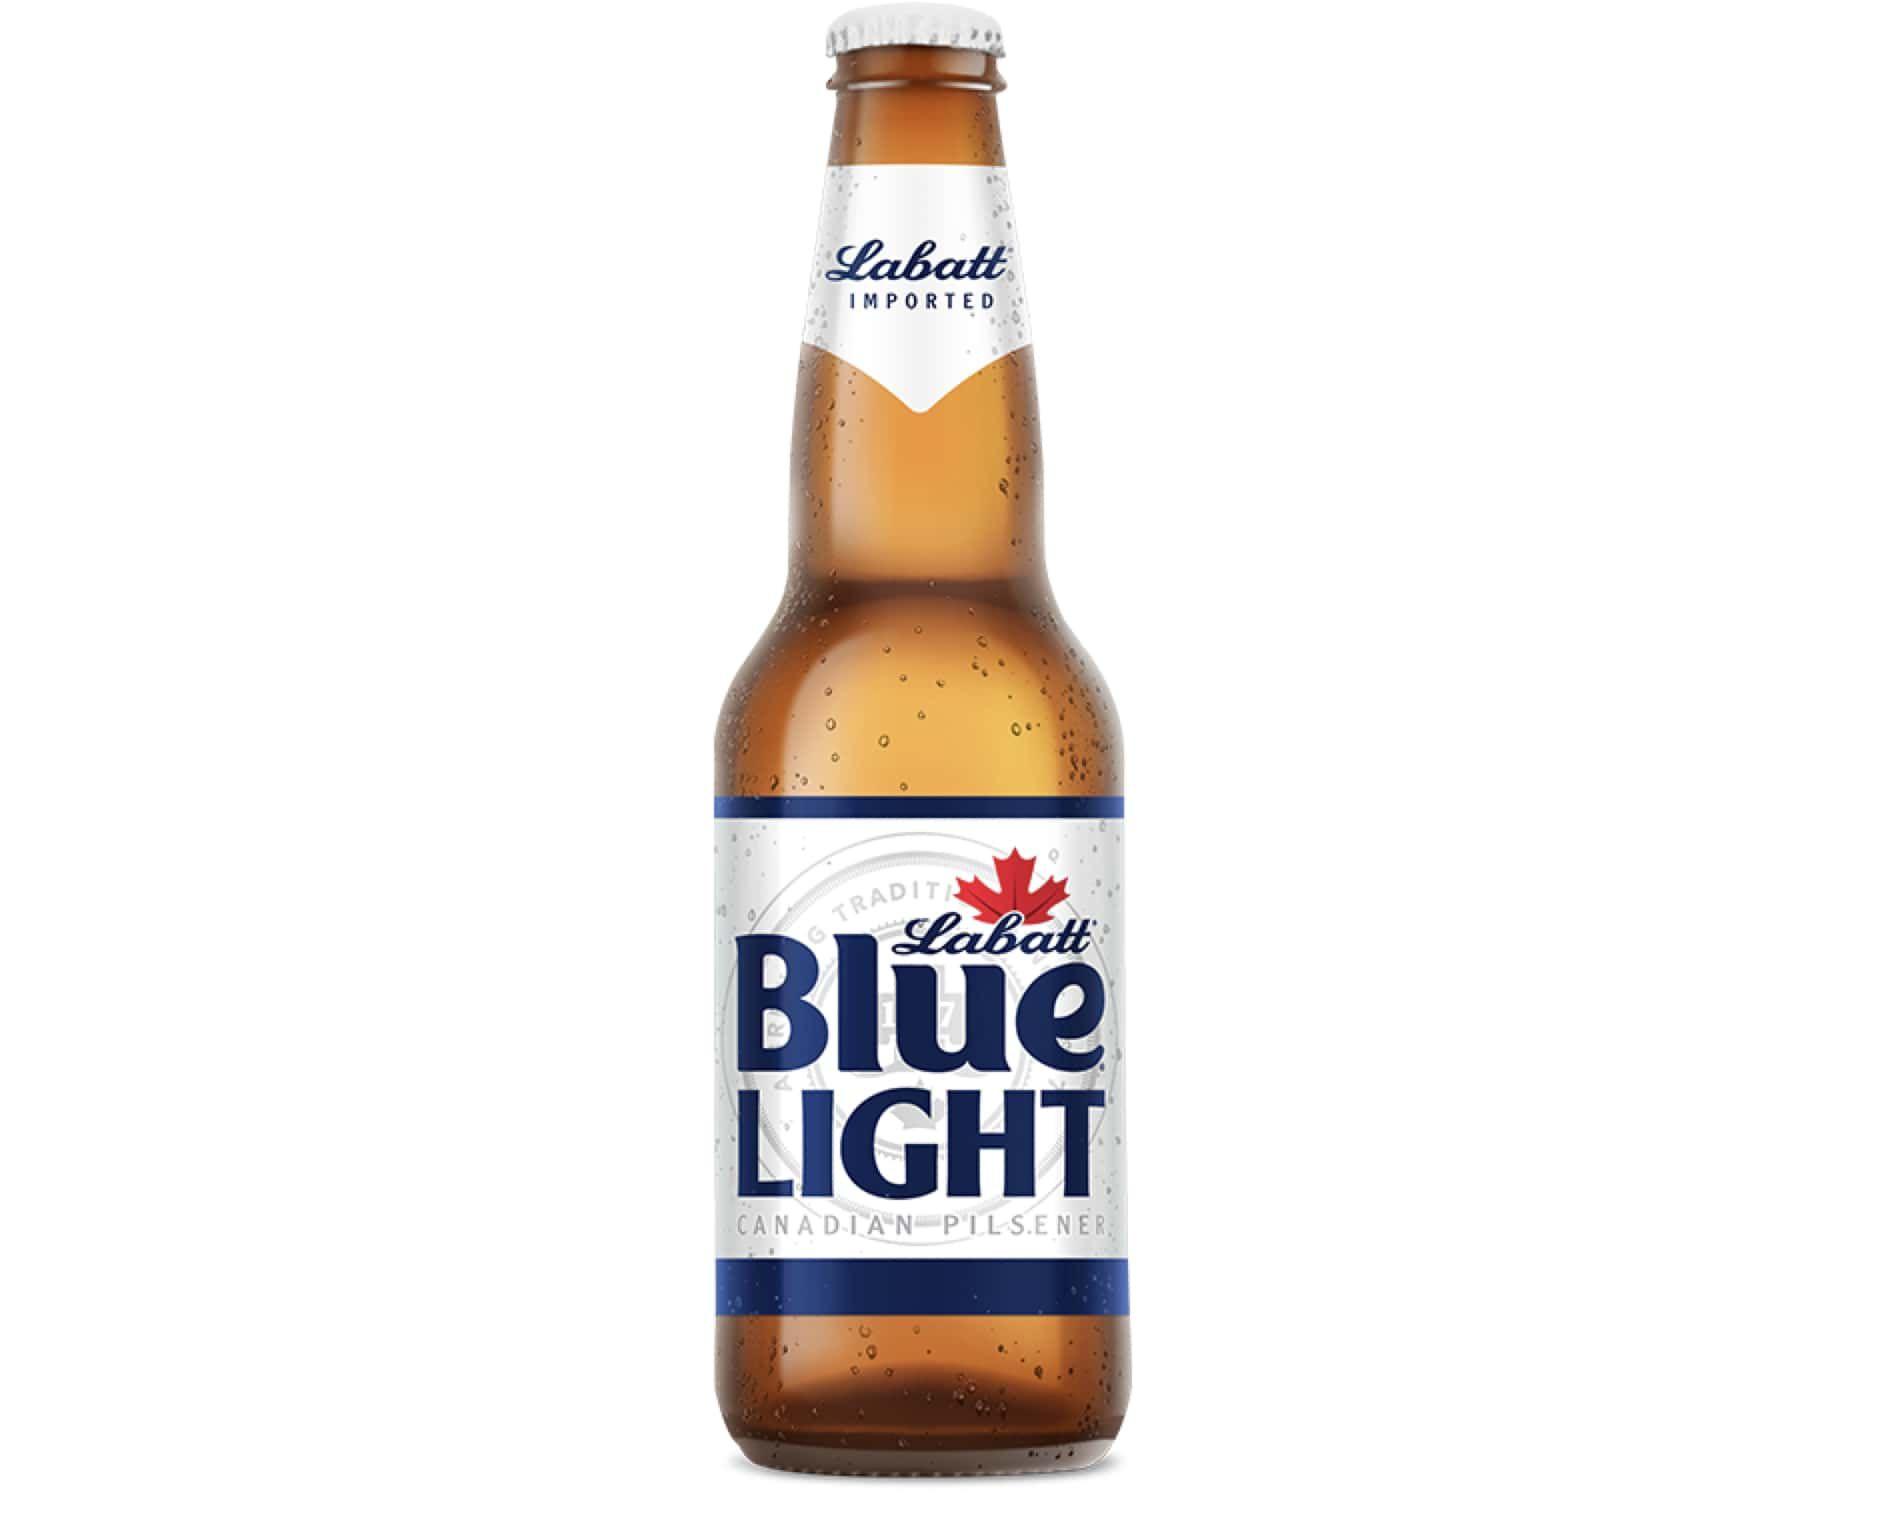 Labatt's Blue Light